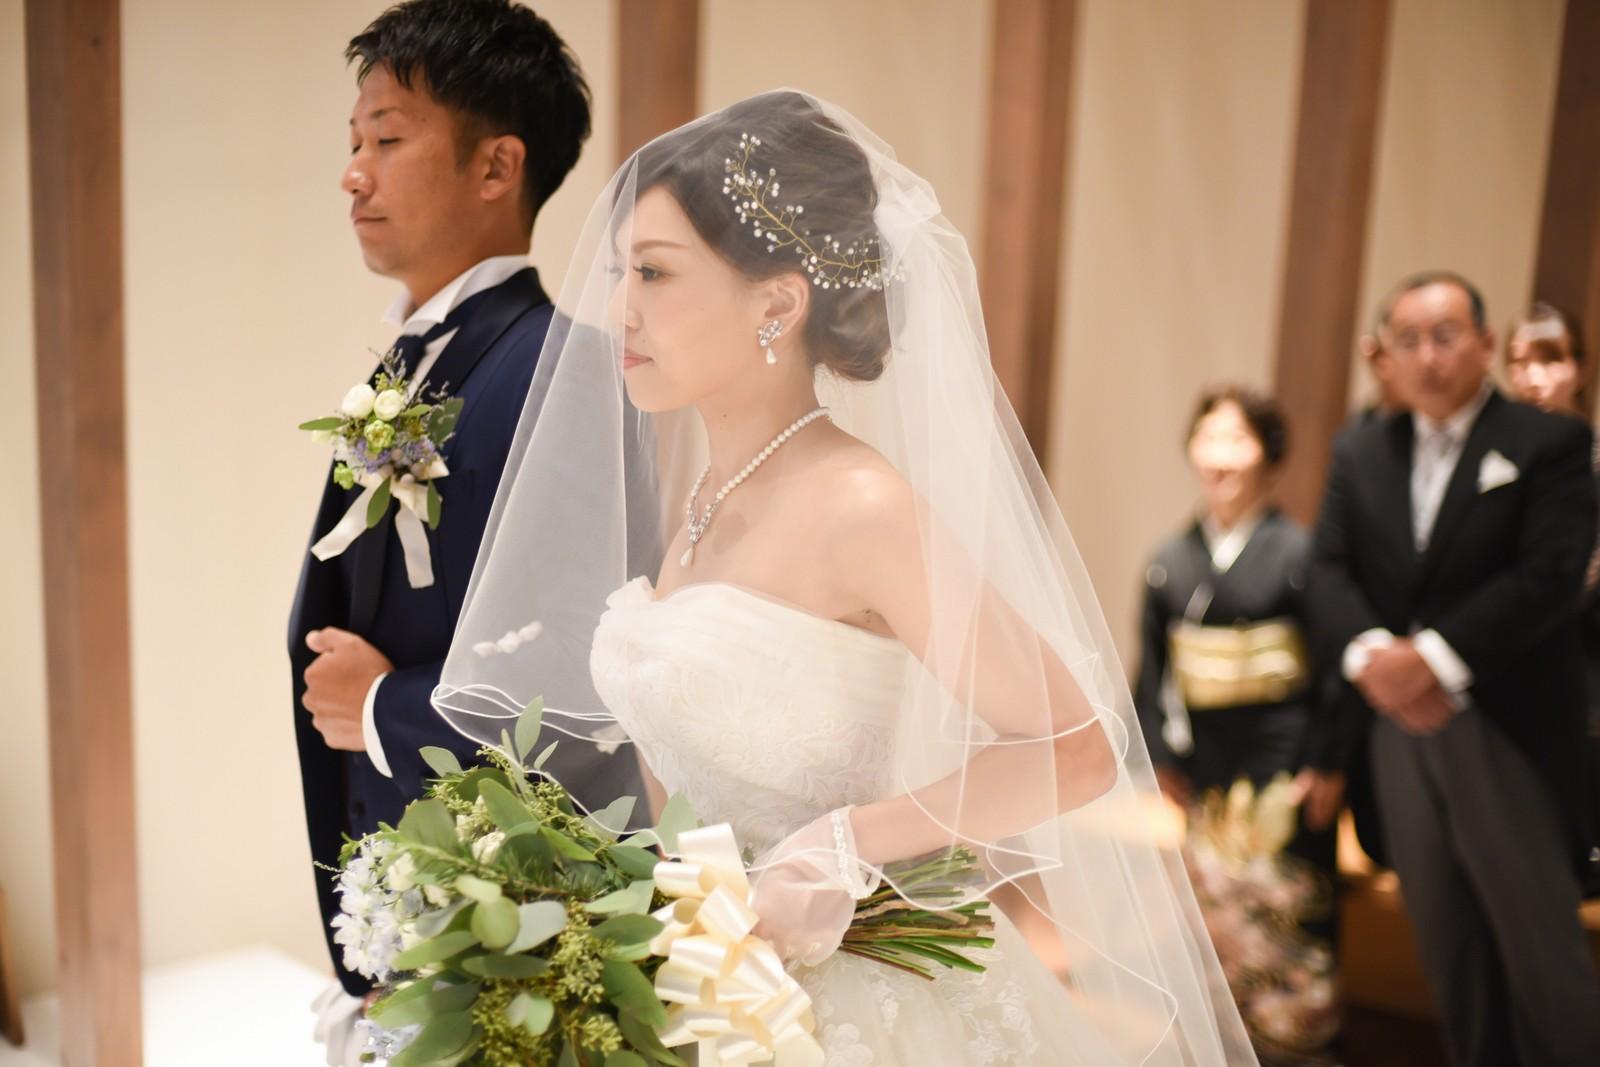 香川県高松市の結婚式場アナザースタイルのチャペルでの入場シーン